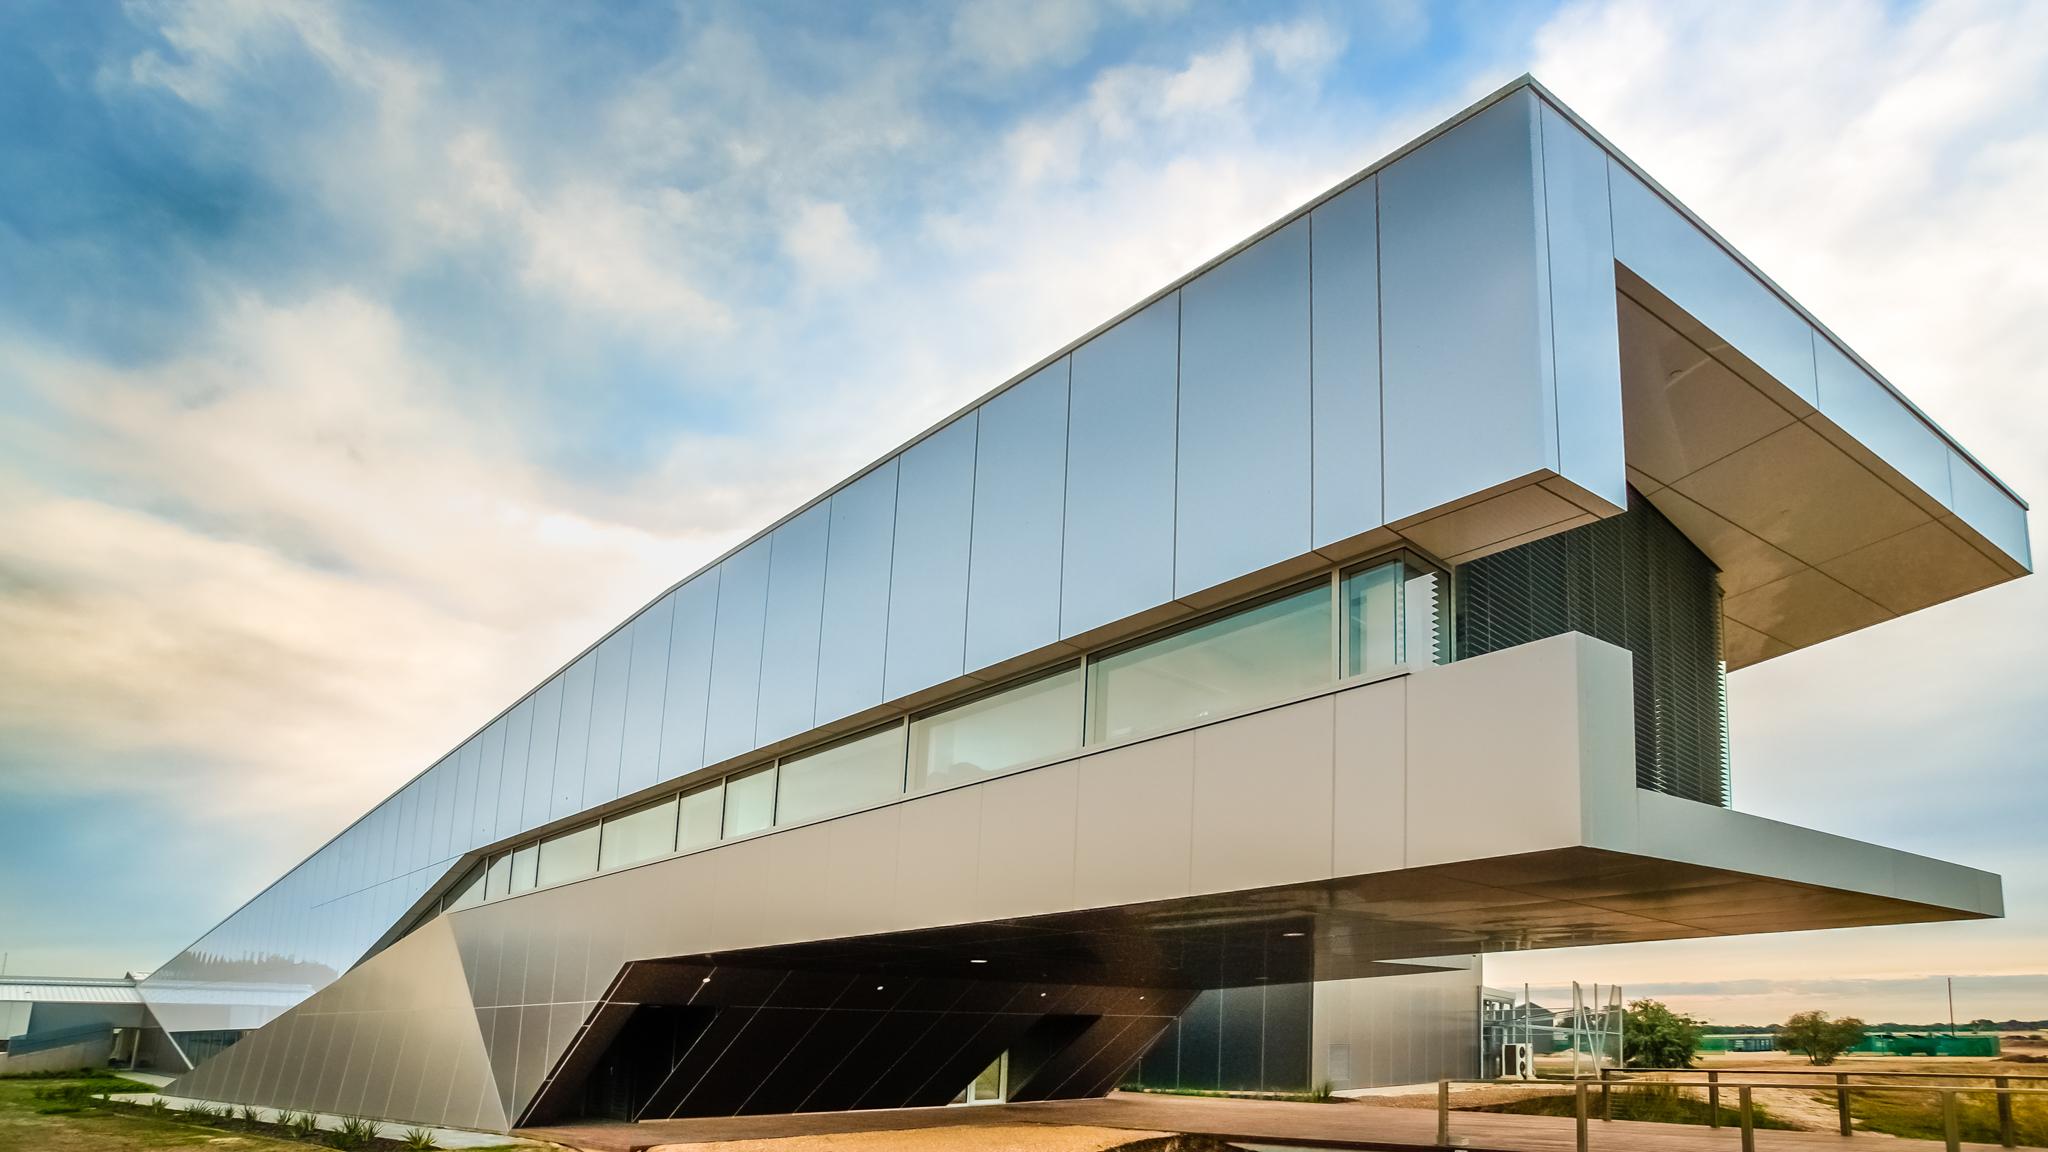 UniSA Mawson Institute, Australia